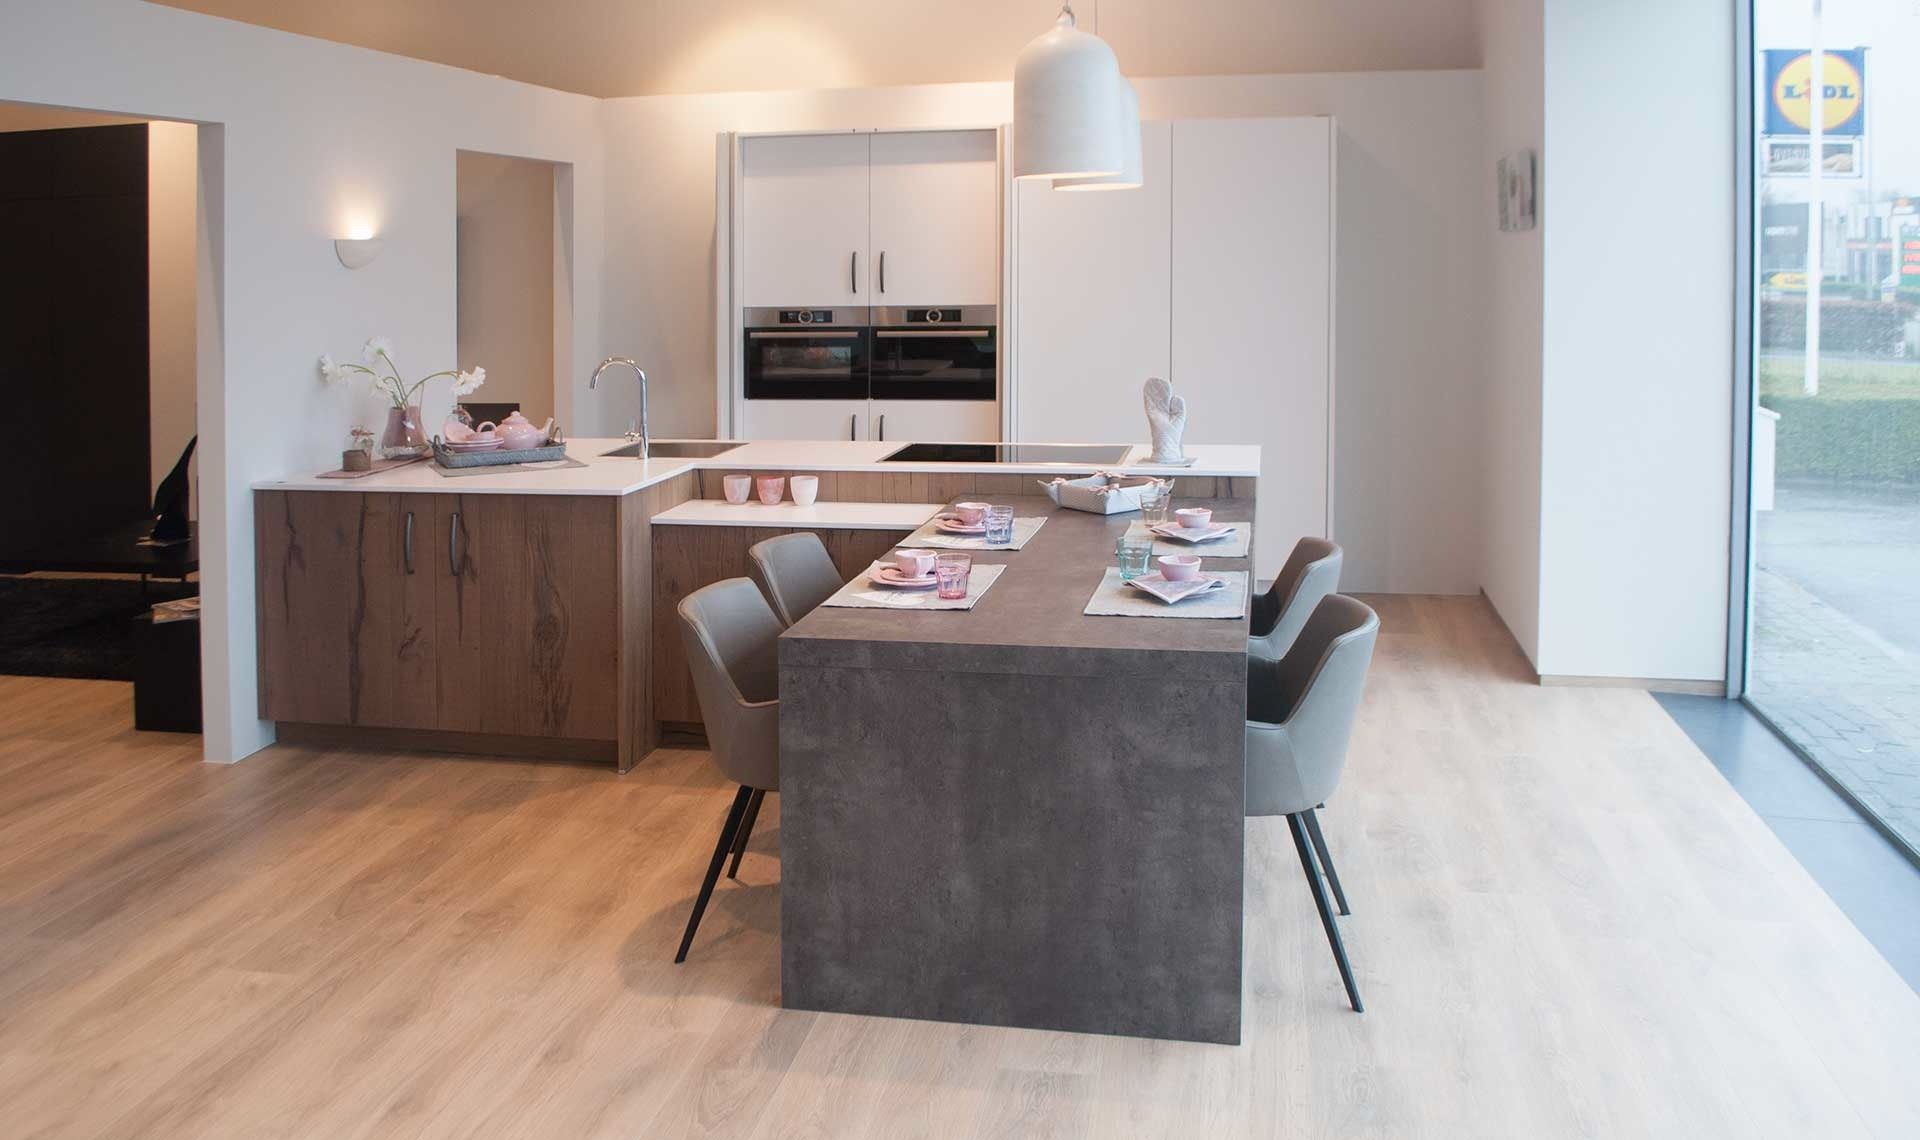 Moderne L Keuken : Moderne keuken met kookeiland in l vorm. deze keuken heeft zowel